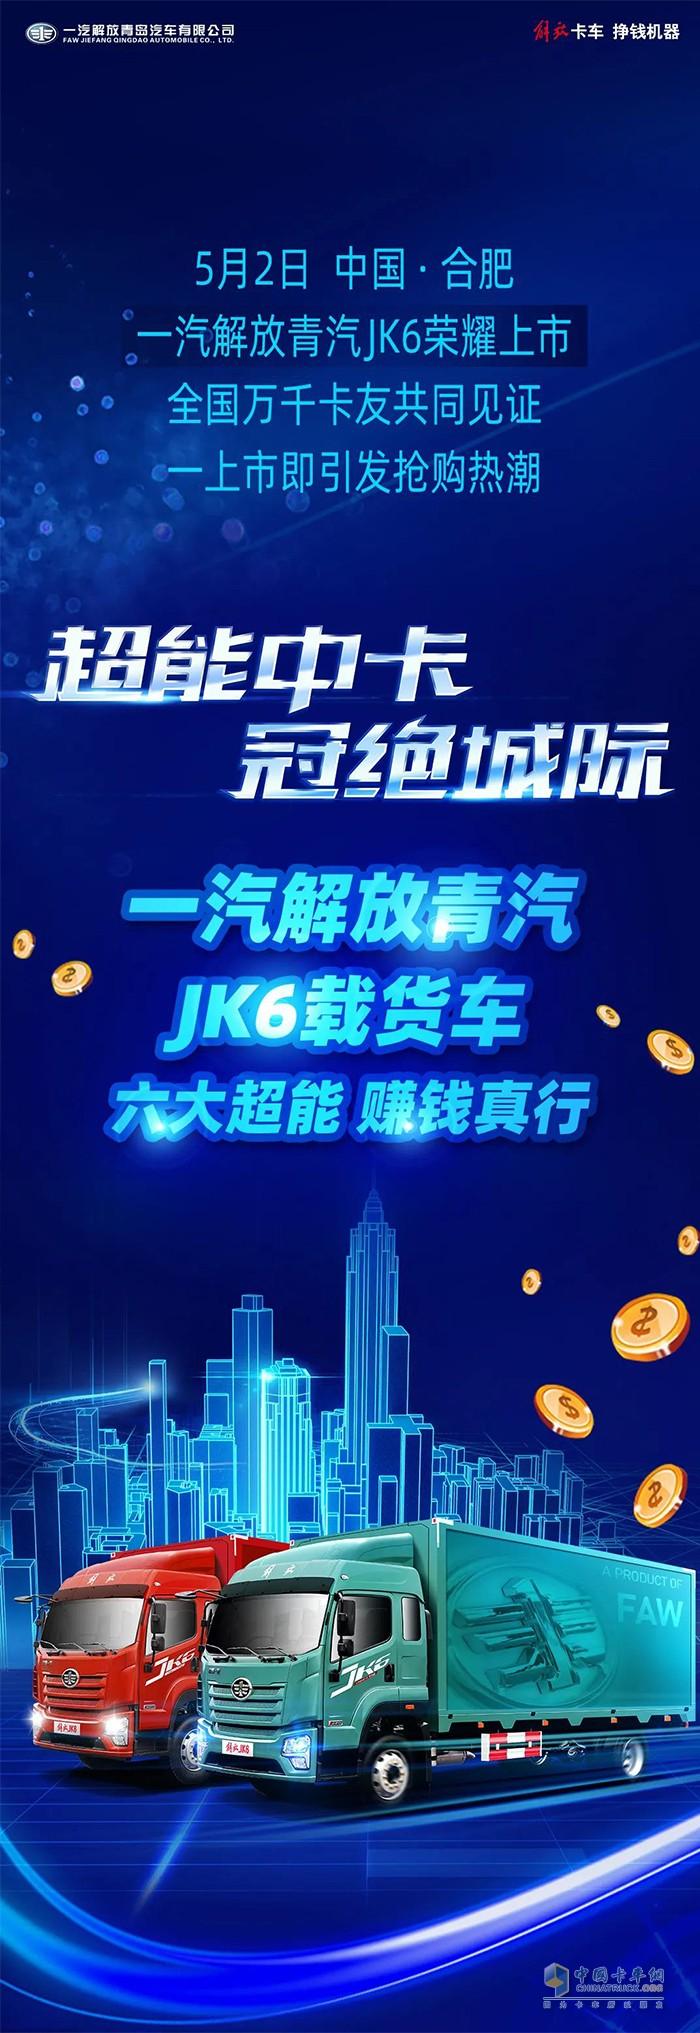 一汽解放青汽JK6载货车